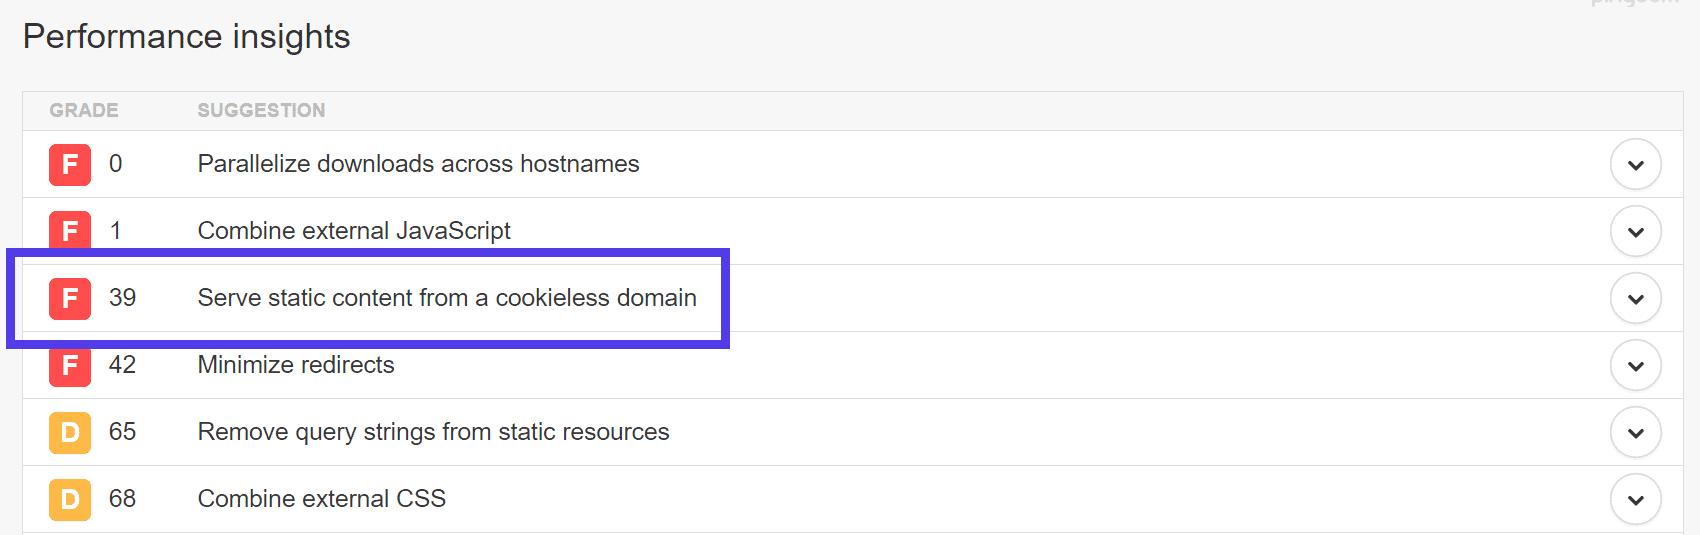 Advertencia de servir contenido estático de un dominio sin cookies